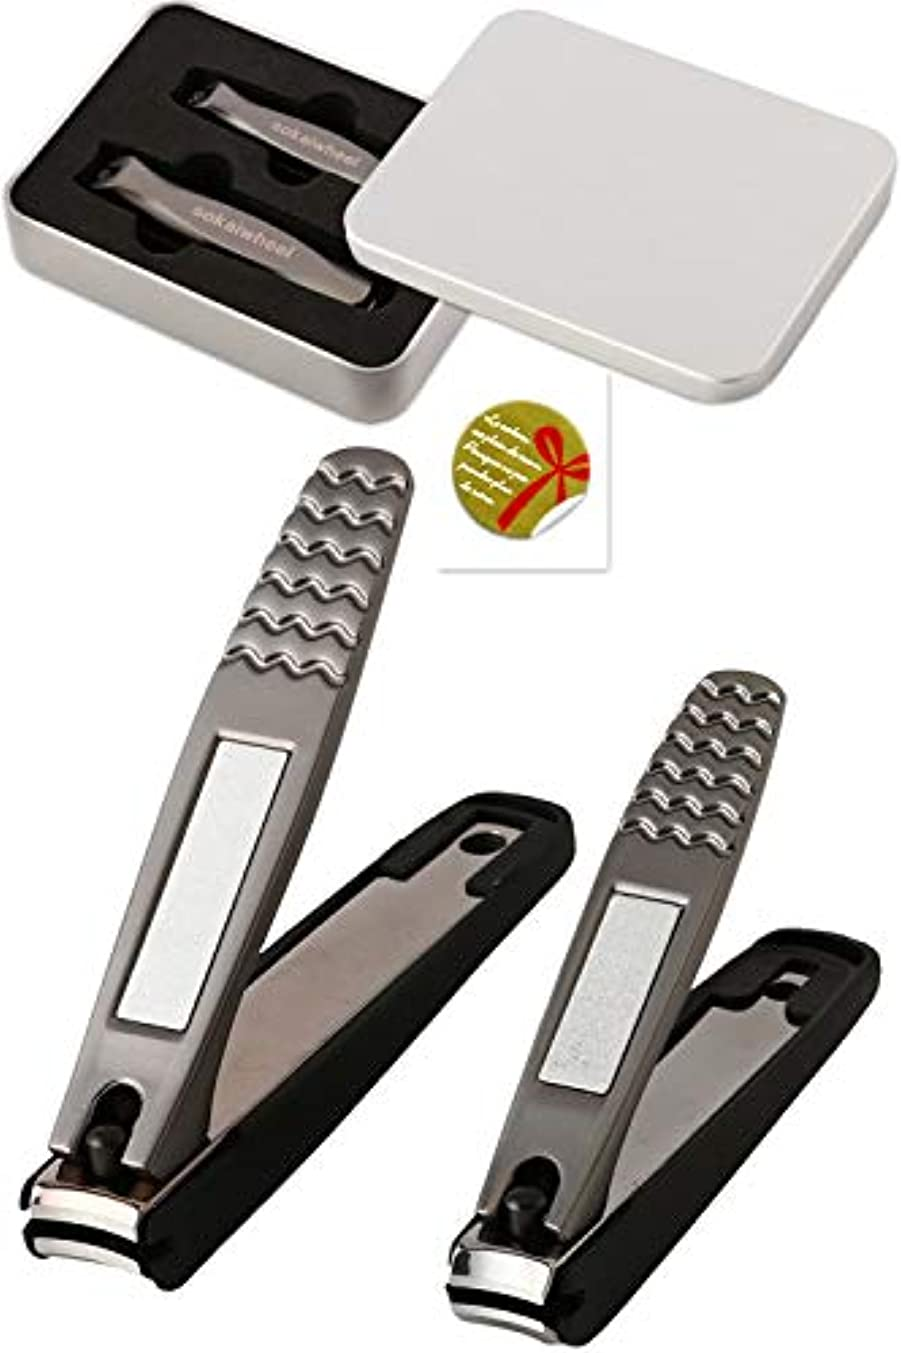 解明する団結する確かに爪切り Sokaiwheel つめきり ステンレス製 高級 飛び散り防止爪切り 金属ケース?ギフトシール付 2本組